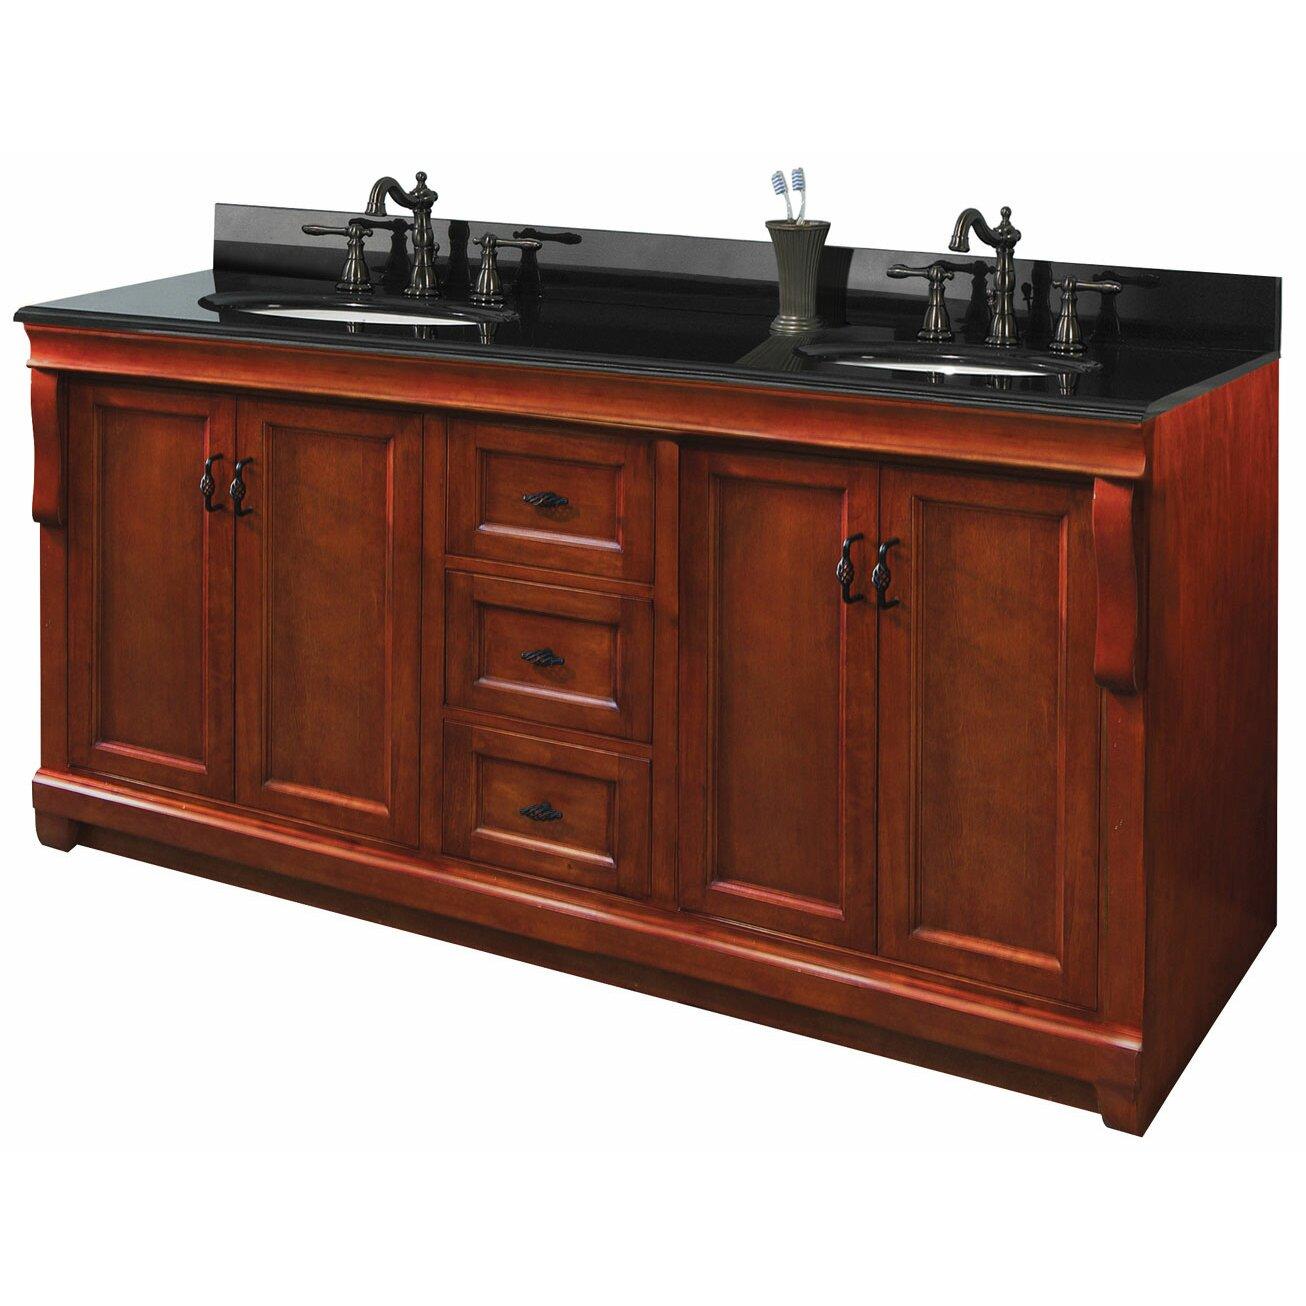 60 bathroom vanity 28 images 60 bathroom vanity ove decors 15vva kare60 f22af 60 inch. Black Bedroom Furniture Sets. Home Design Ideas